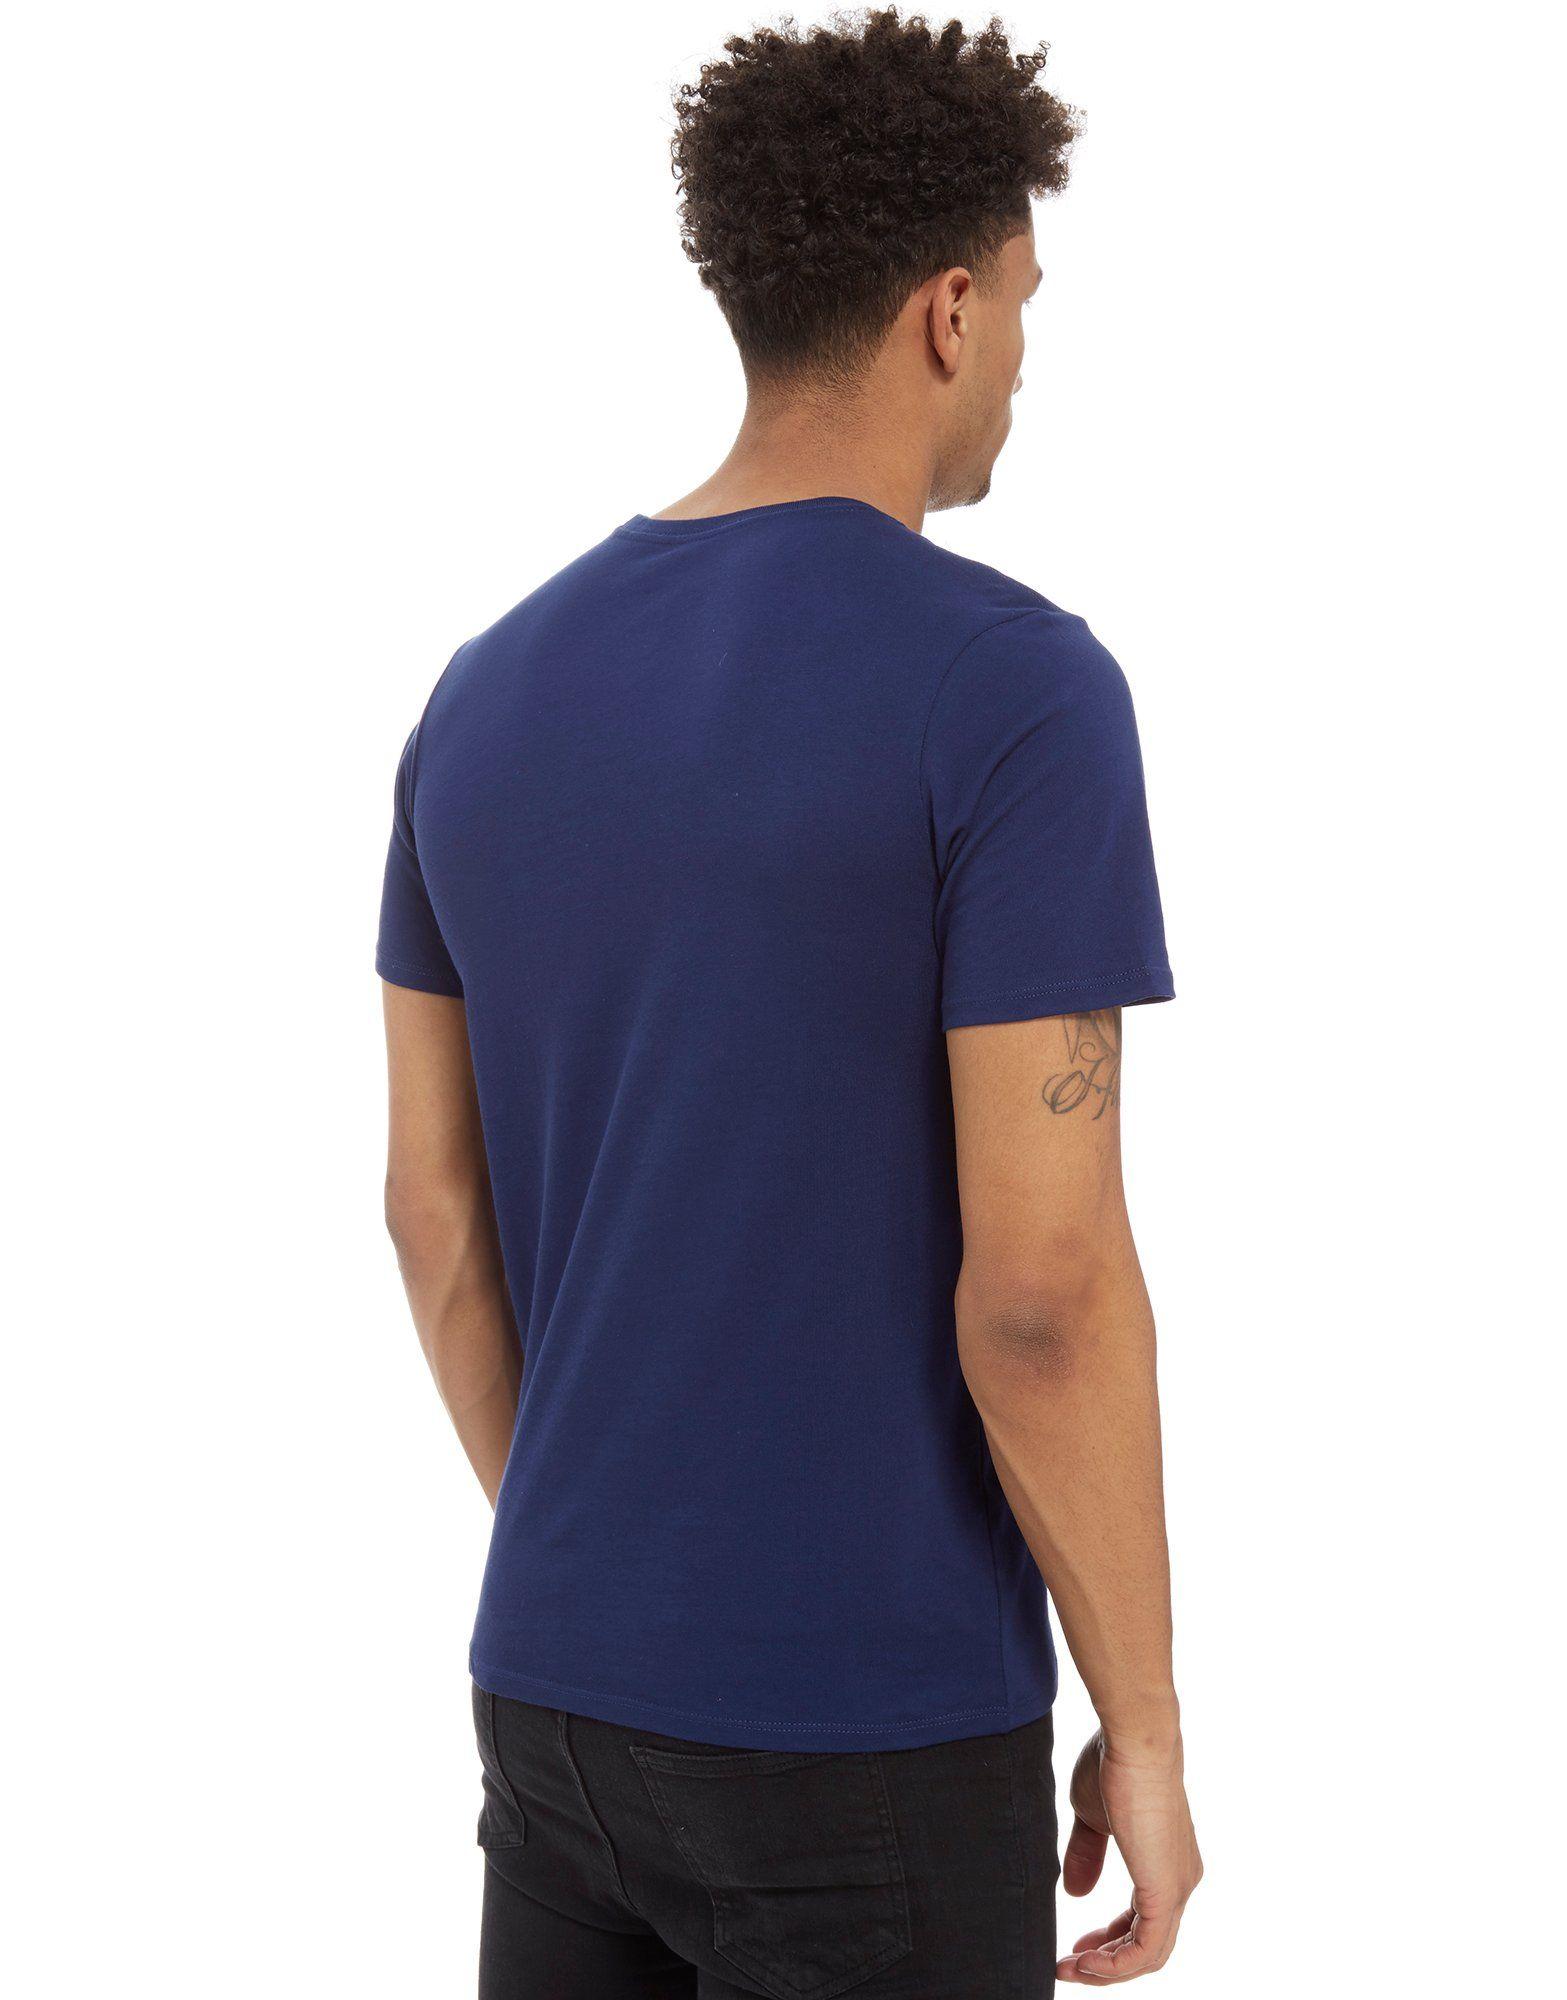 Nike Futura Just Do It T-Shirt Blau Shop-Angebot Günstiger Preis Verkauf Besuch Neueste Preiswerte Online bWgKF